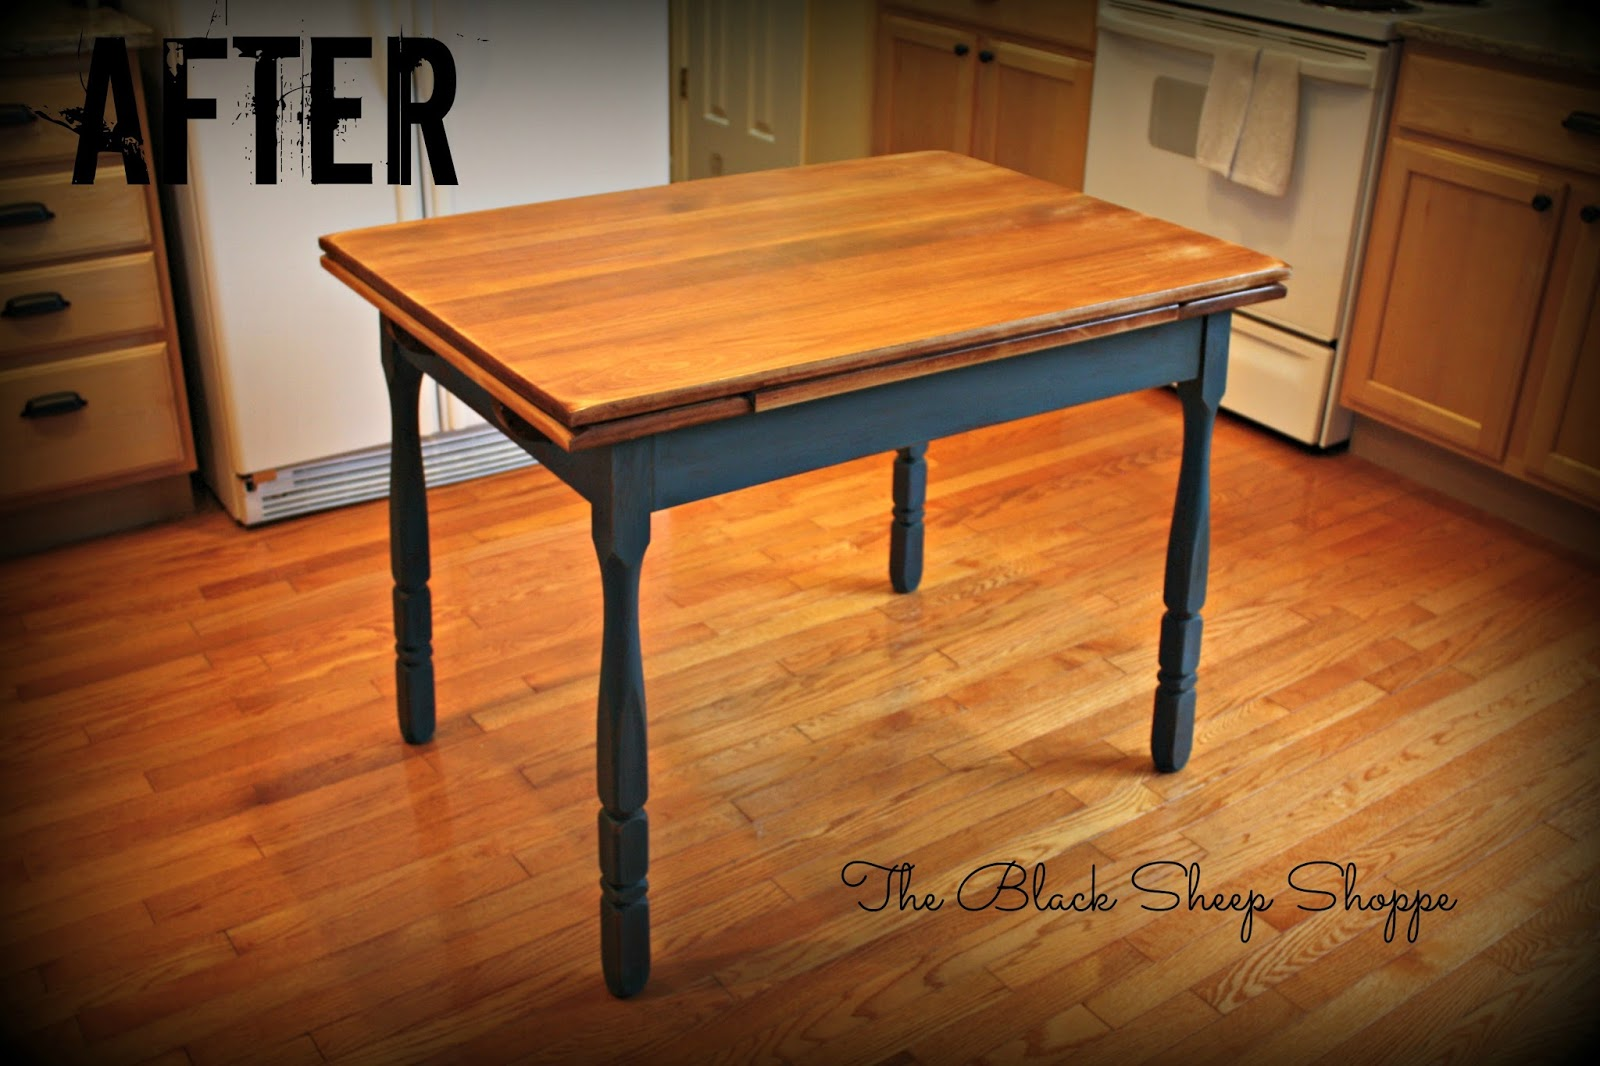 Vintage kitchen table painted Aubusson blue.